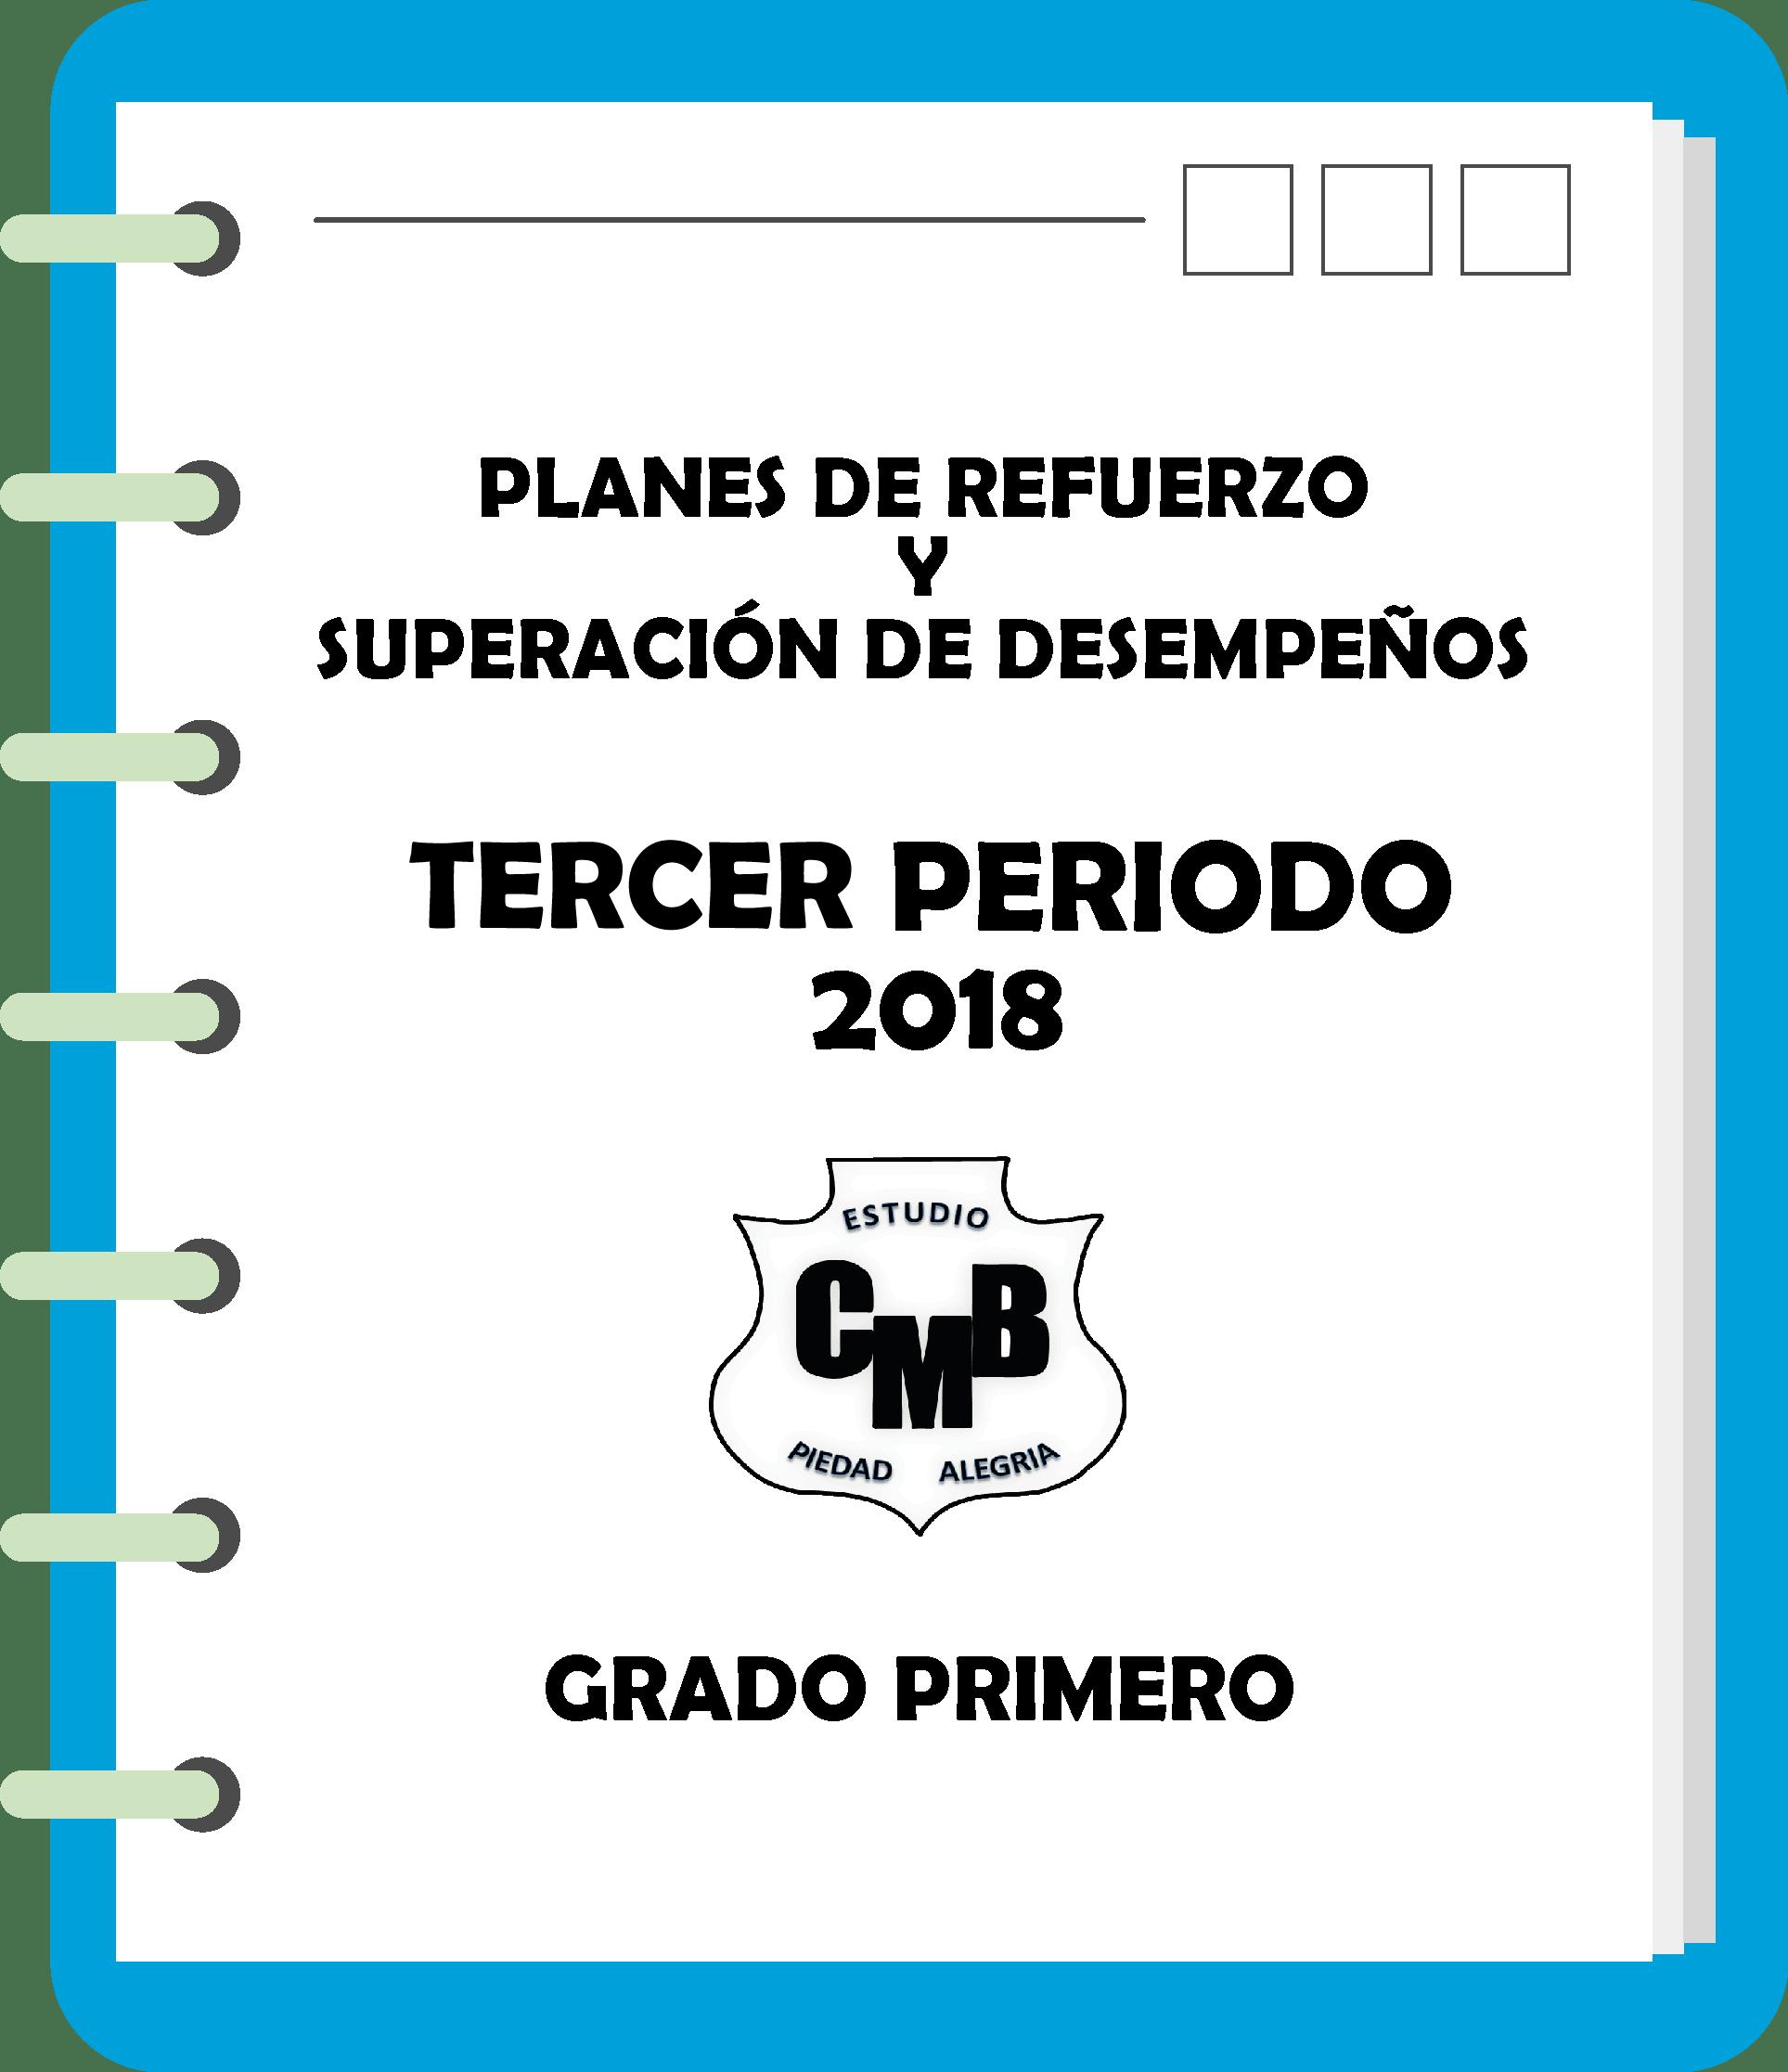 PRIMERO1